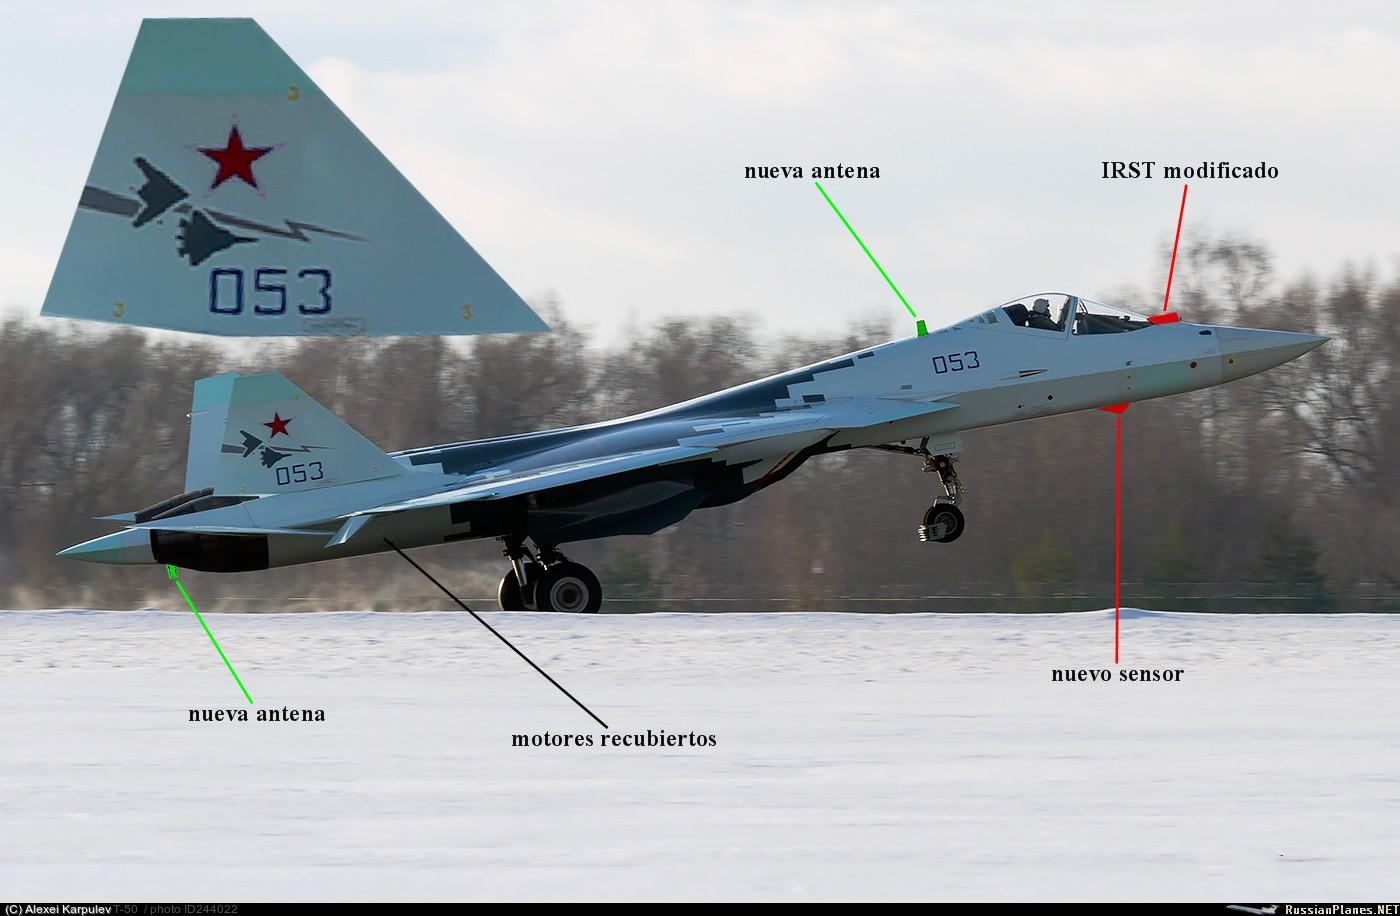 (PAK-FA) T-50 Ruso - Últimas noticias. - Página 4 Su-57%2Bdetalles